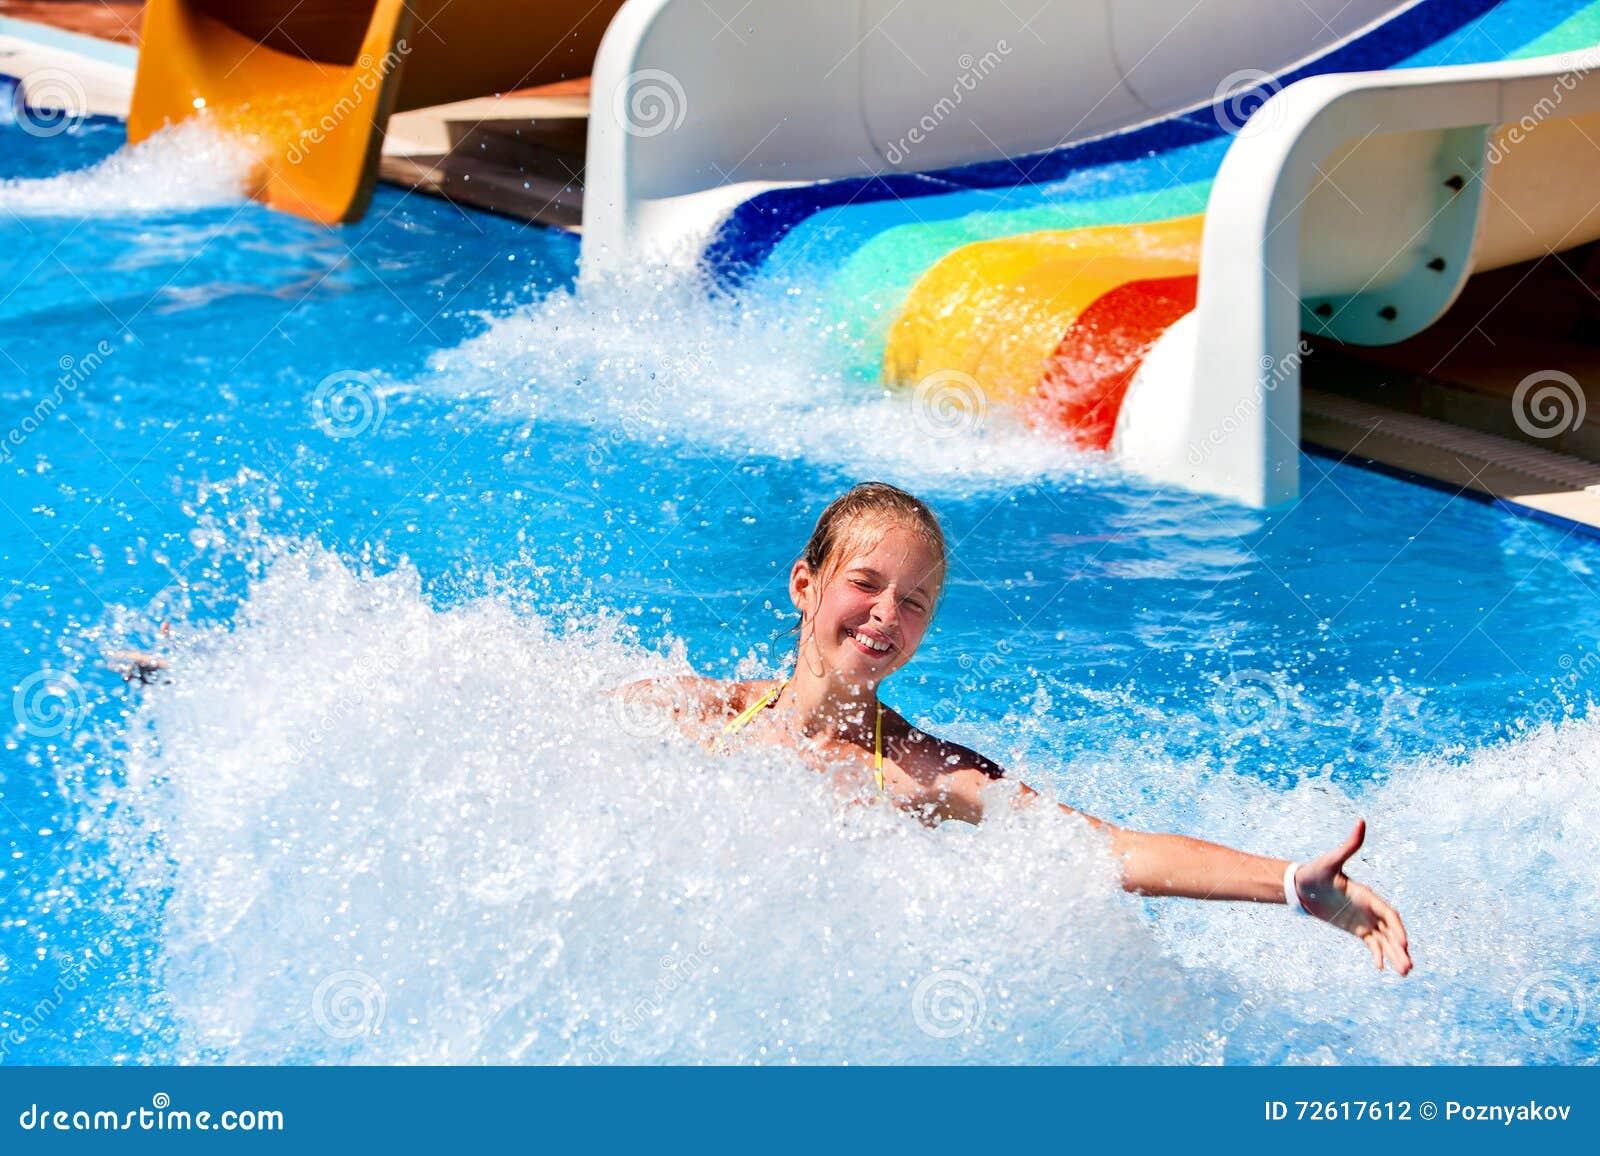 Wasserrutschen Spiele